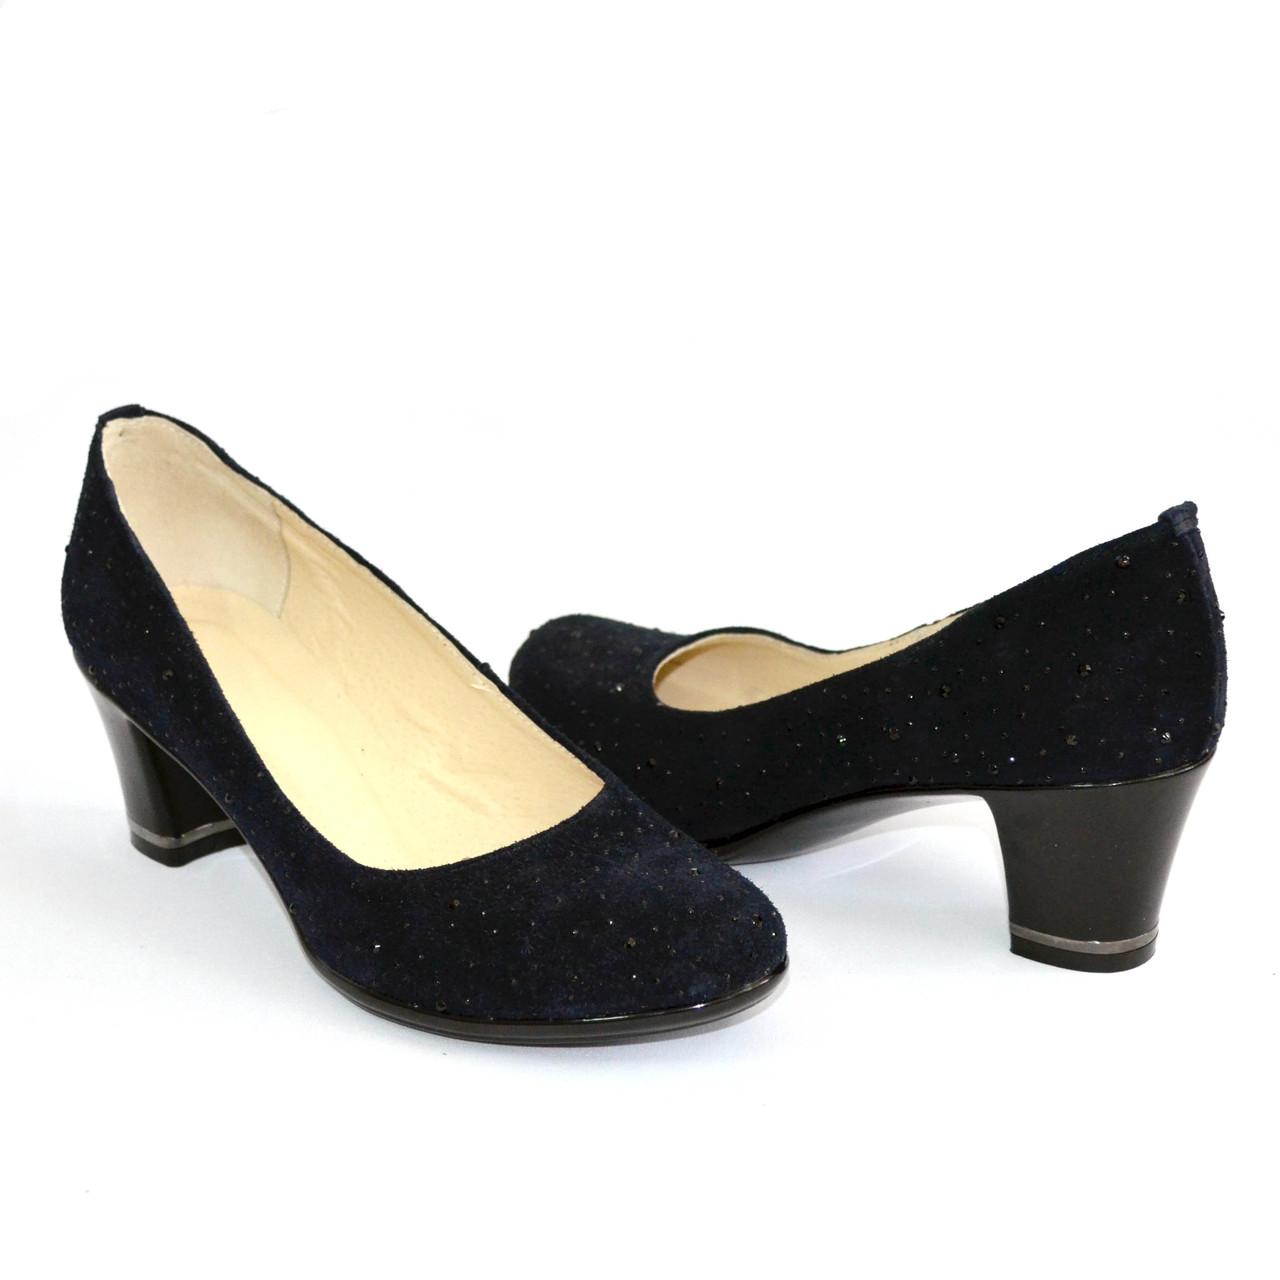 Туфли женские на каблуке, декорированные камнями, натуральный замш синего цвета